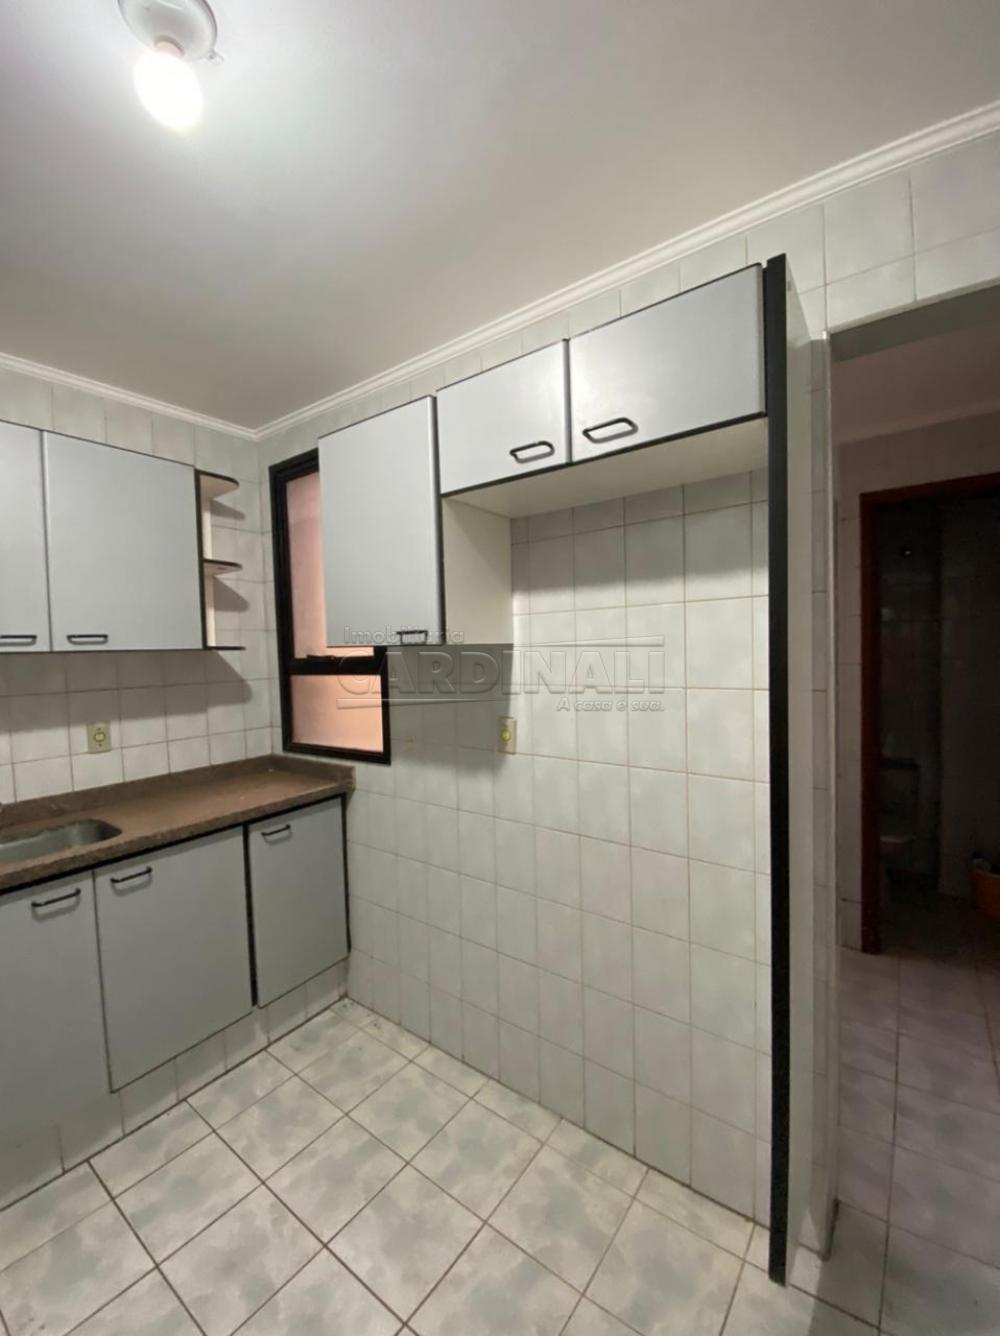 Alugar Apartamento / Padrão em São Carlos R$ 1.112,00 - Foto 6